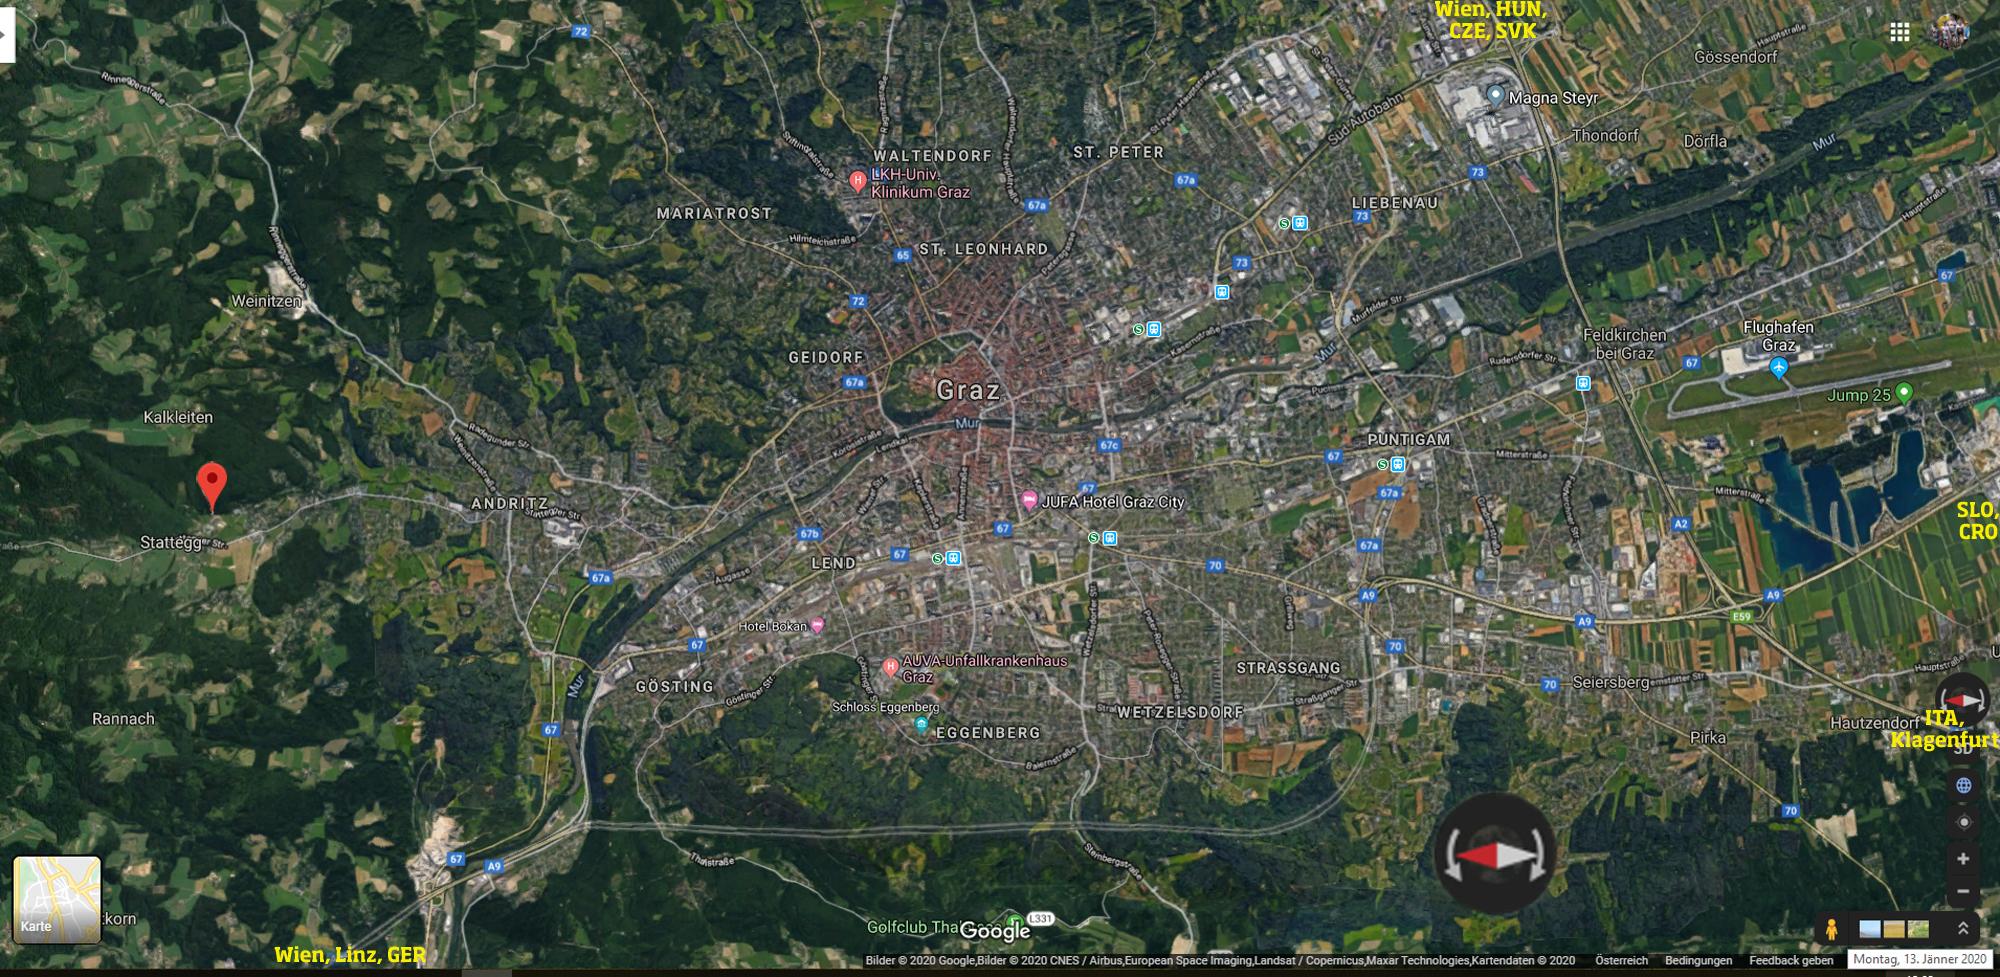 https://www.google.at/maps/place/Hofweg+4,+8046+Hub/@47.0160295,15.4515901,29693a,35y,90h/data=!3m1!1e3!4m5!3m4!1s0x476e36f0893cedeb:0x1a0fa755afe15faa!8m2!3d47.1429918!4d15.4209978